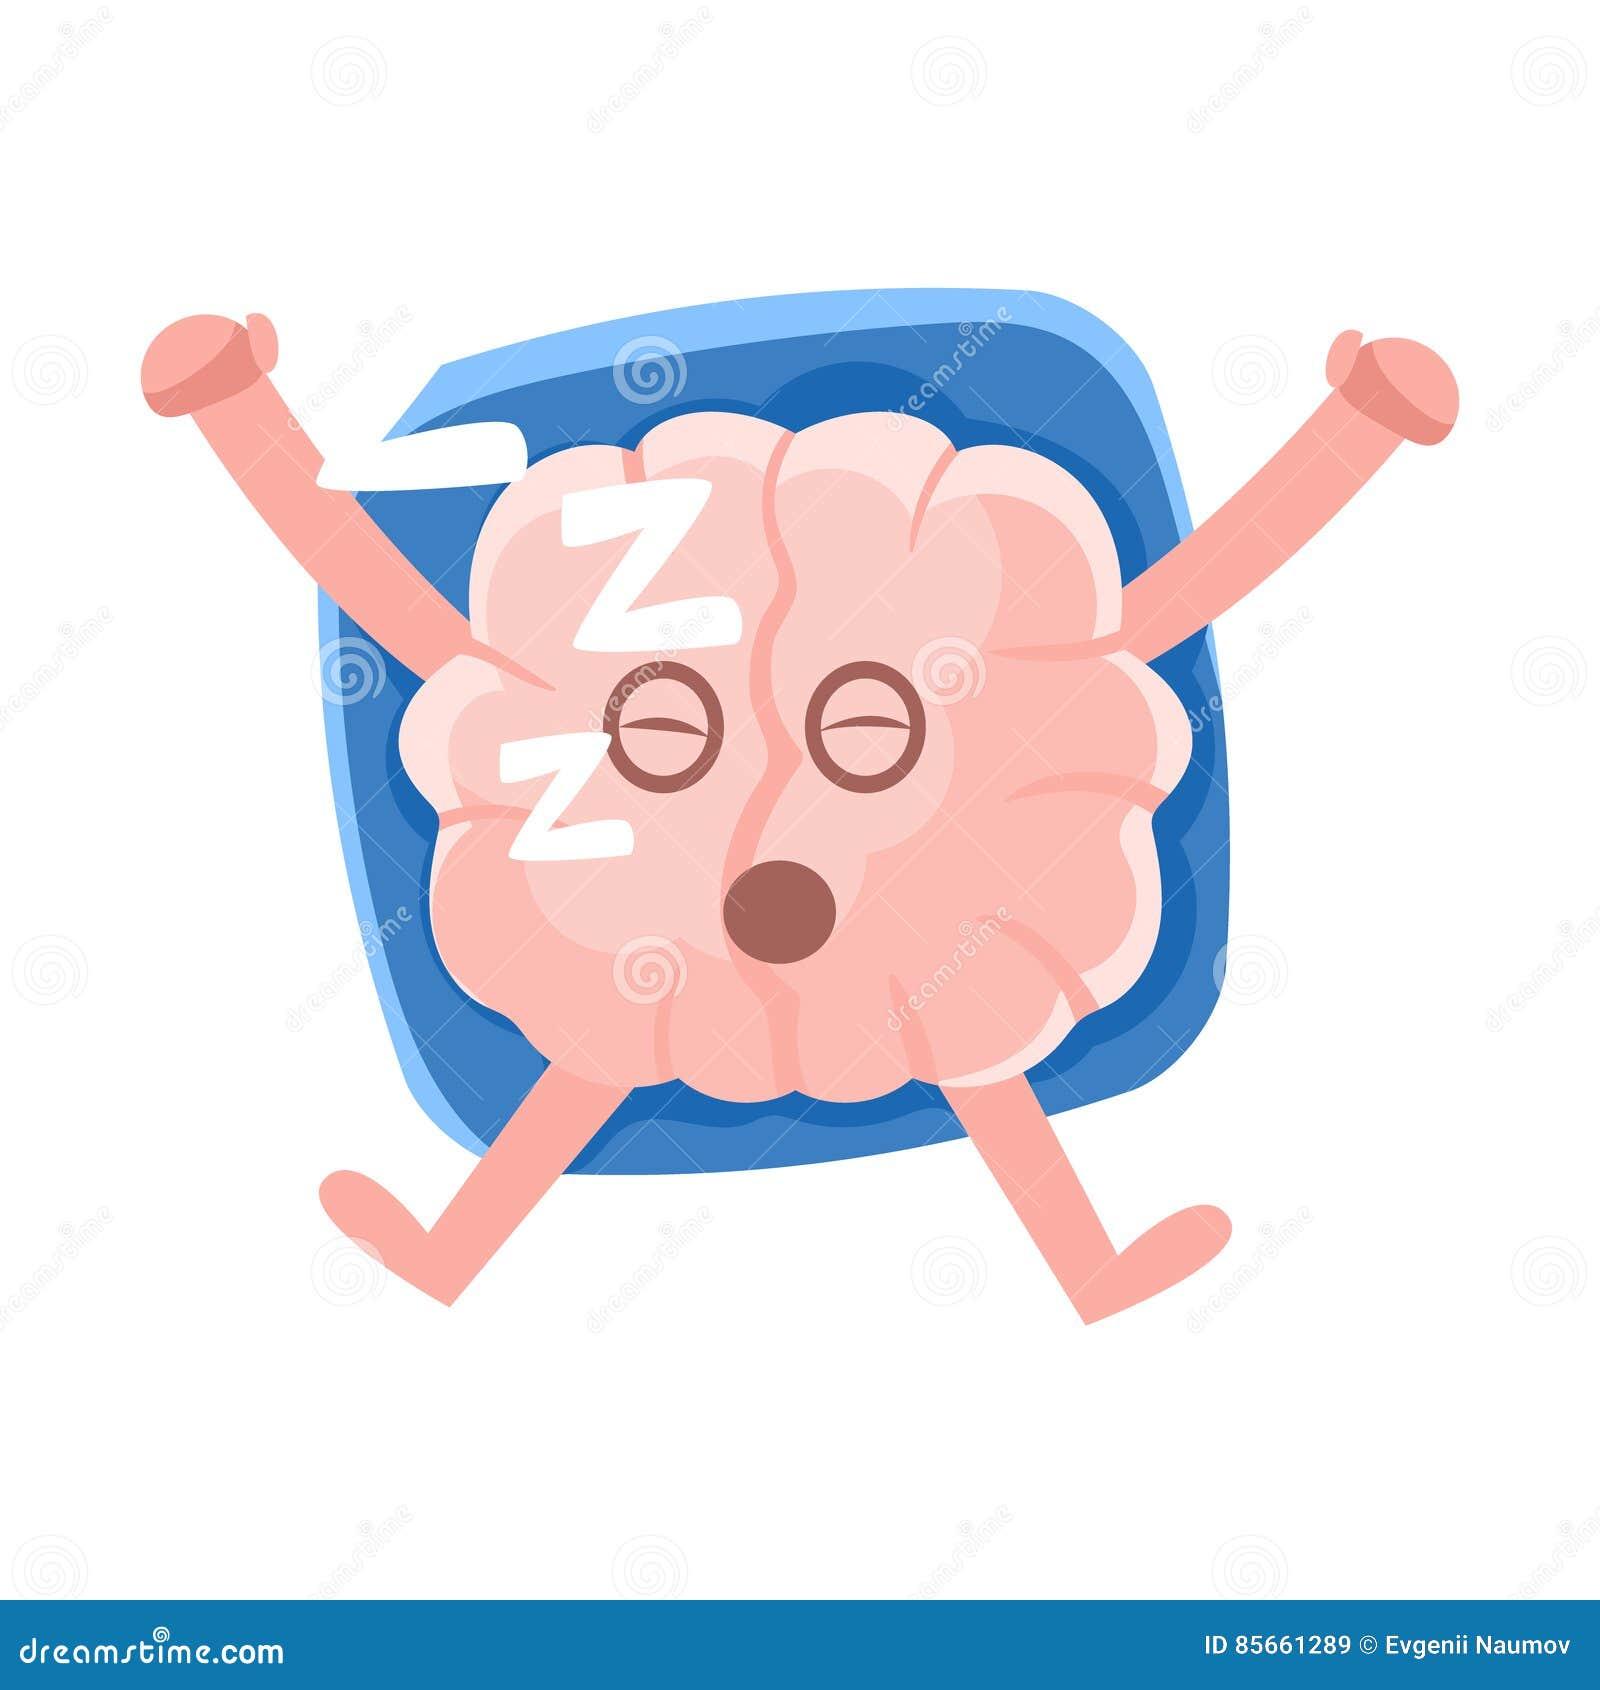 Humaniserade Brain Sleeping On The Back på kudden, Emoji för tecken för tecknad film för mänskligt organ för intellekt symbol